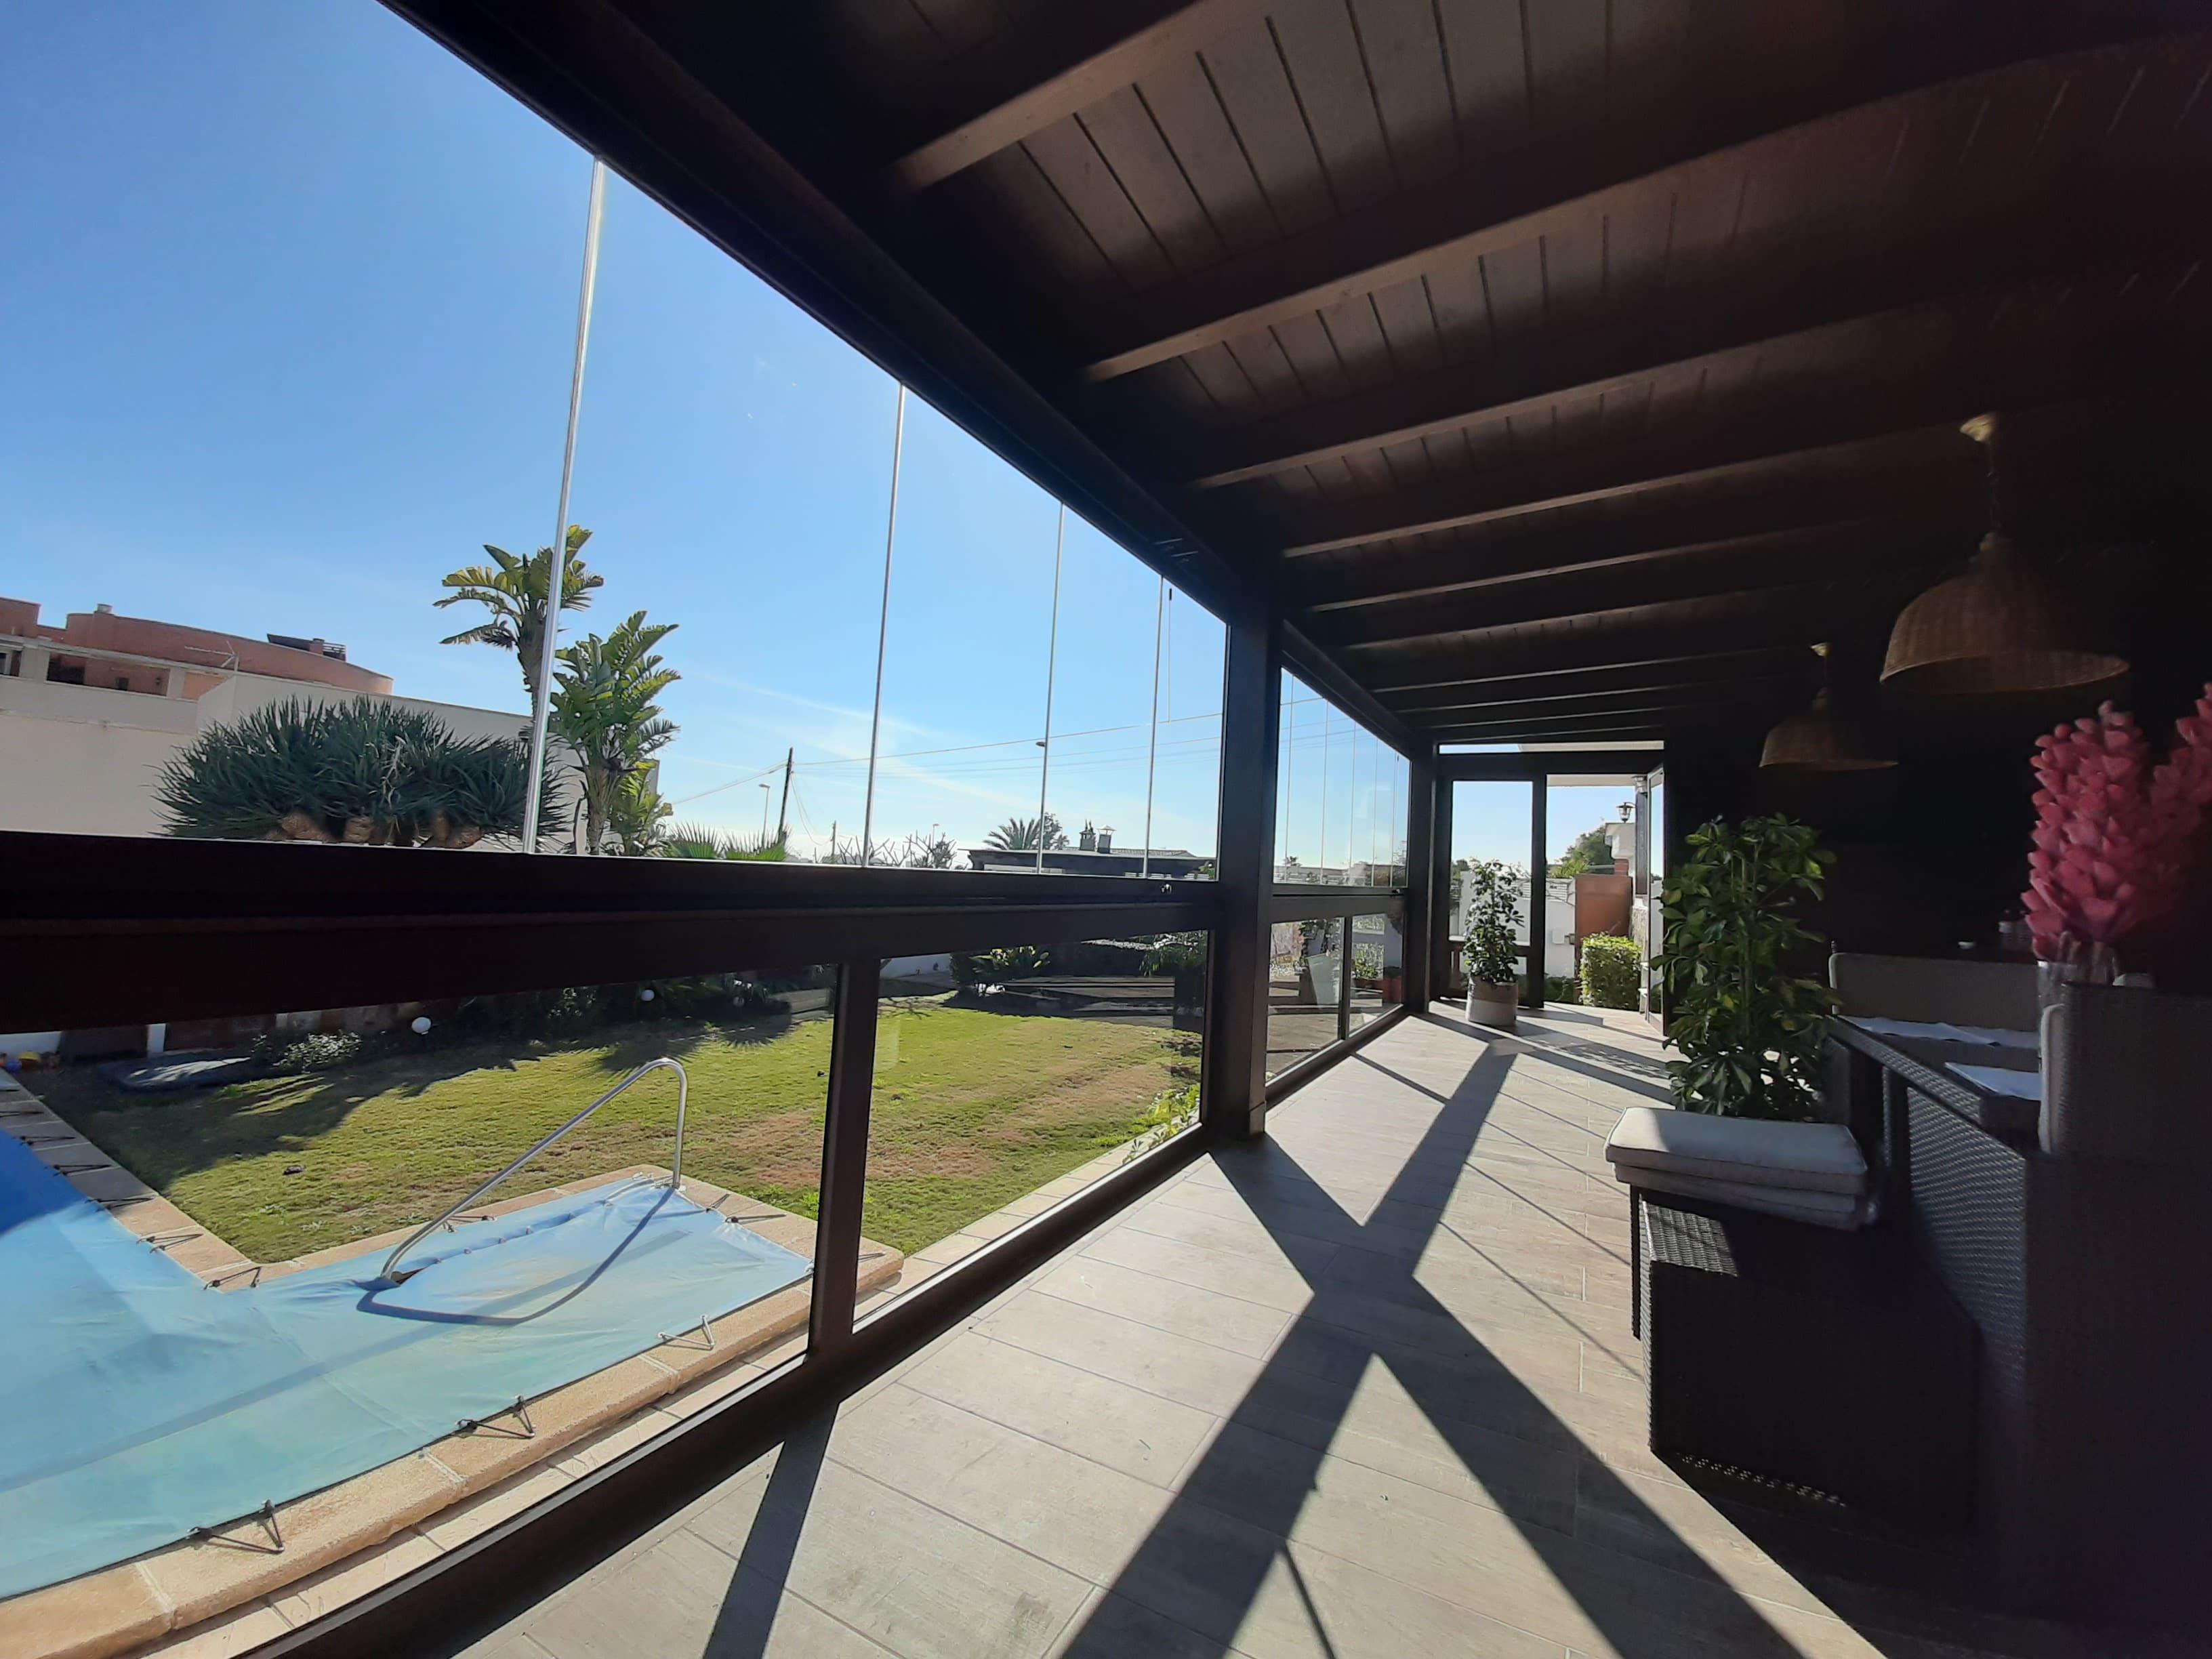 Cerramiento de terraza (1)